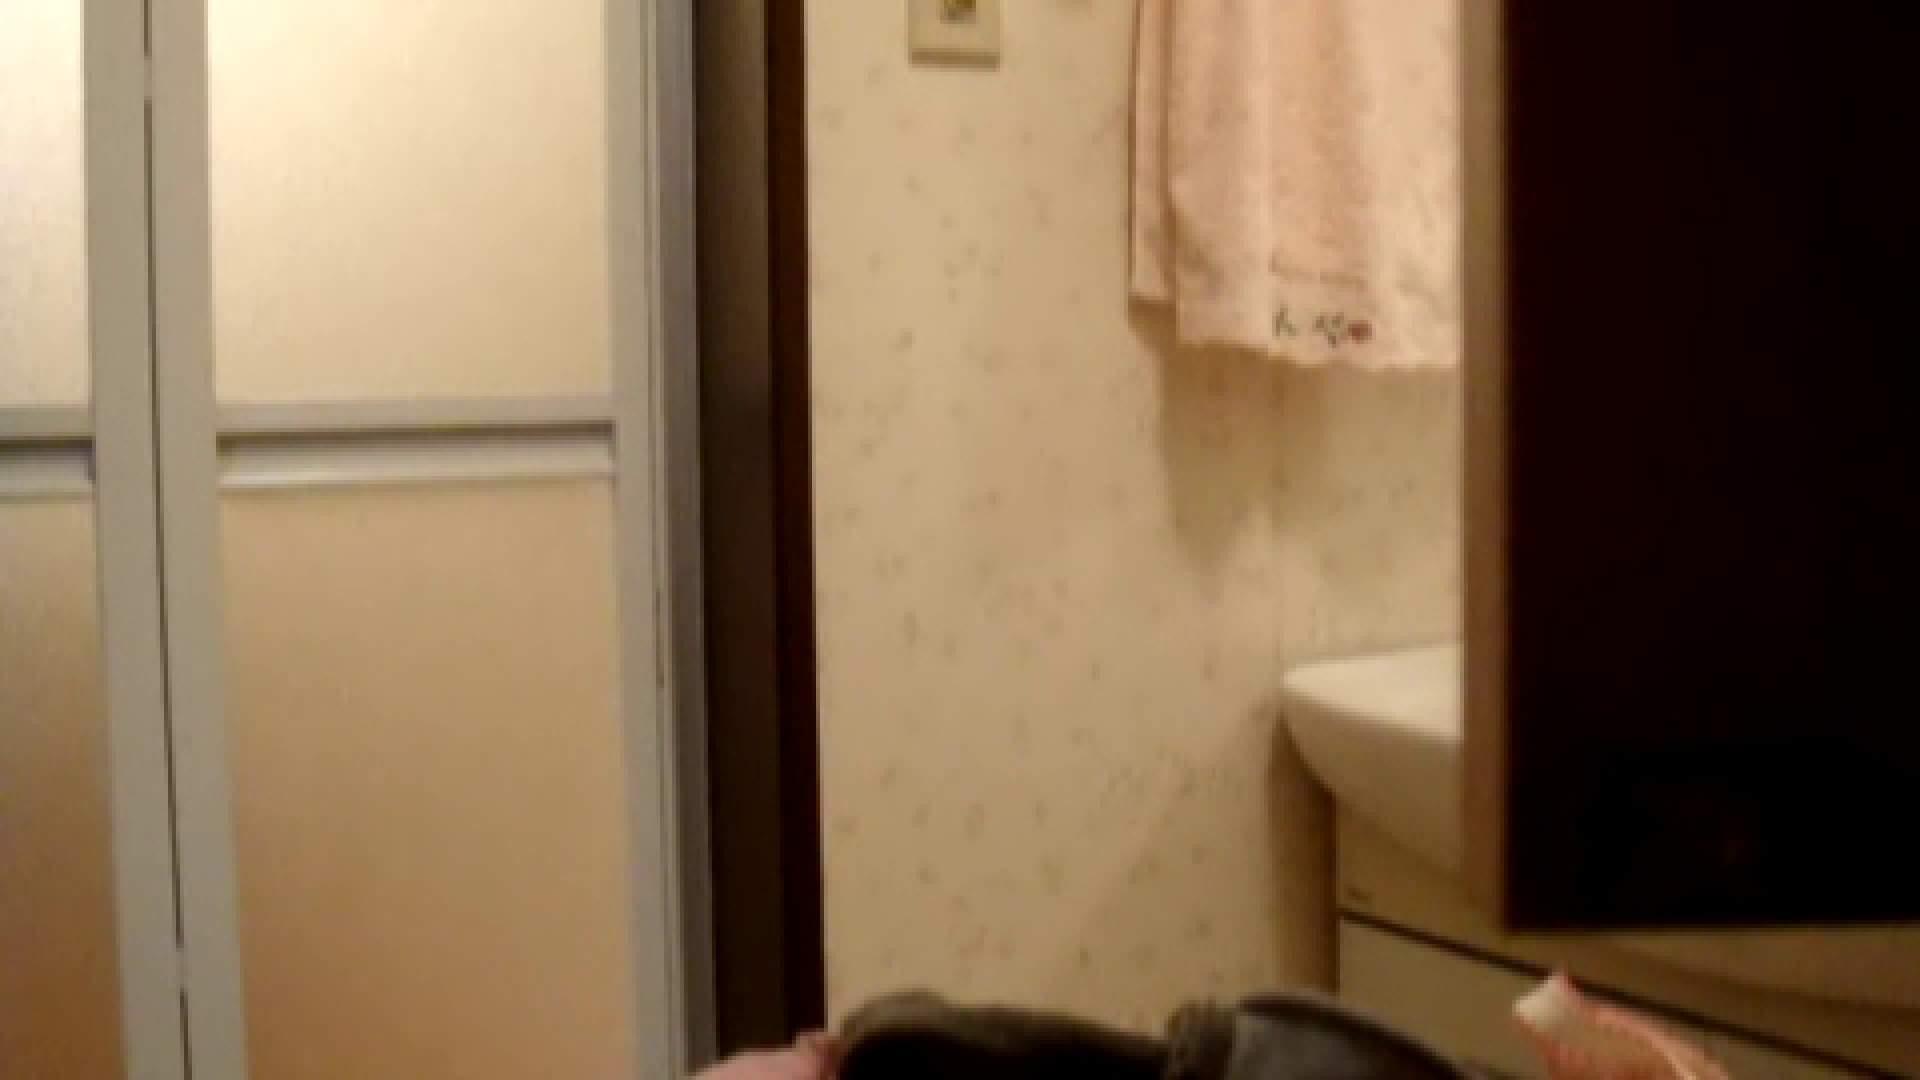 二人とも育てた甲斐がありました… vol.08 まどかの入浴中にカメラに気付いたか!? 入浴  84PIX 52